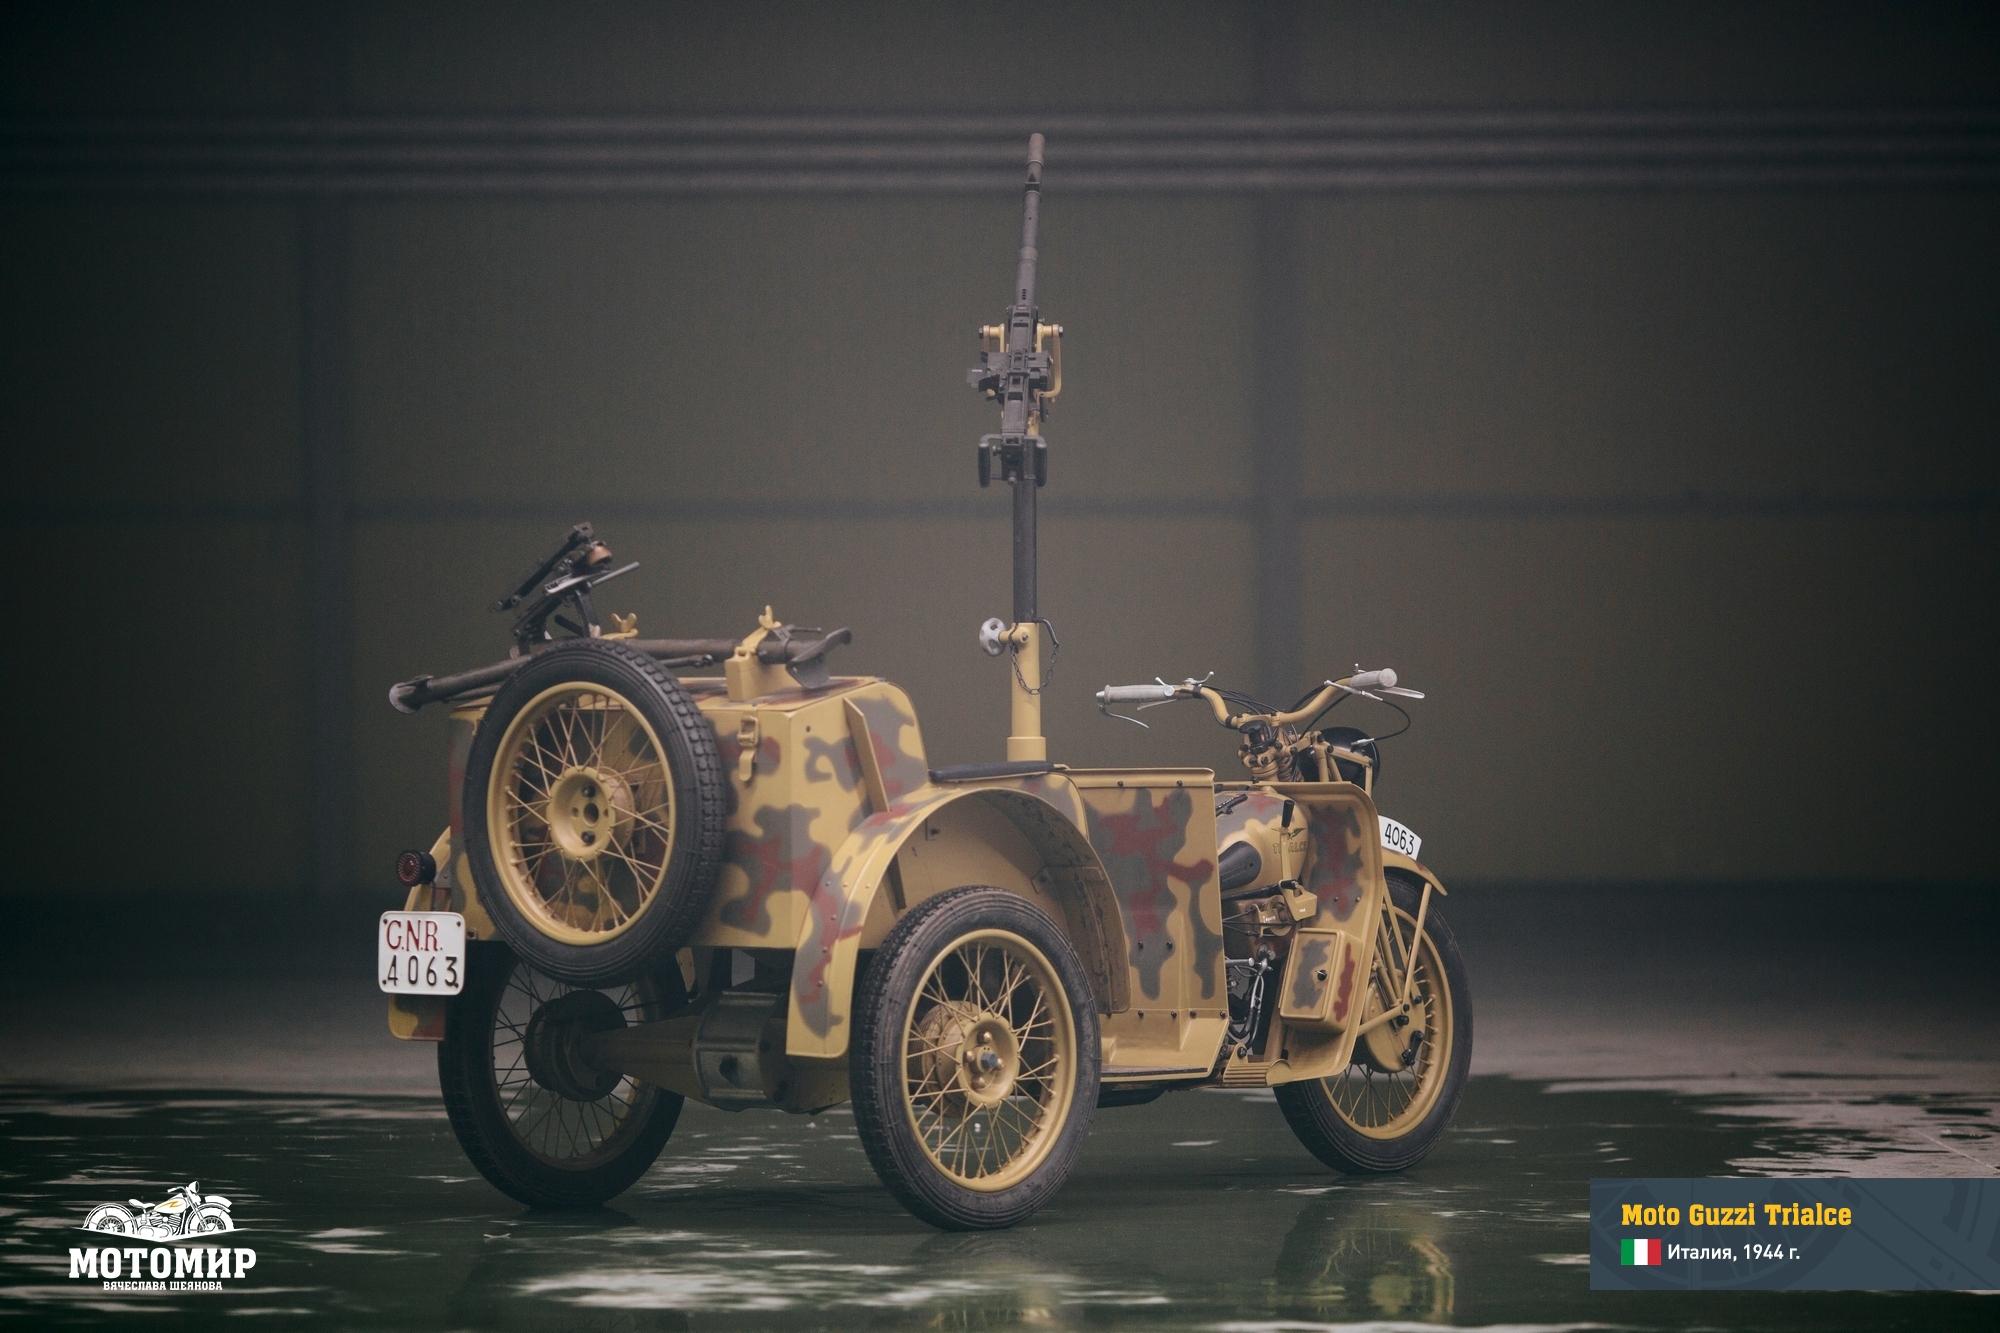 moto-guzzi-trialce-201502-web-06